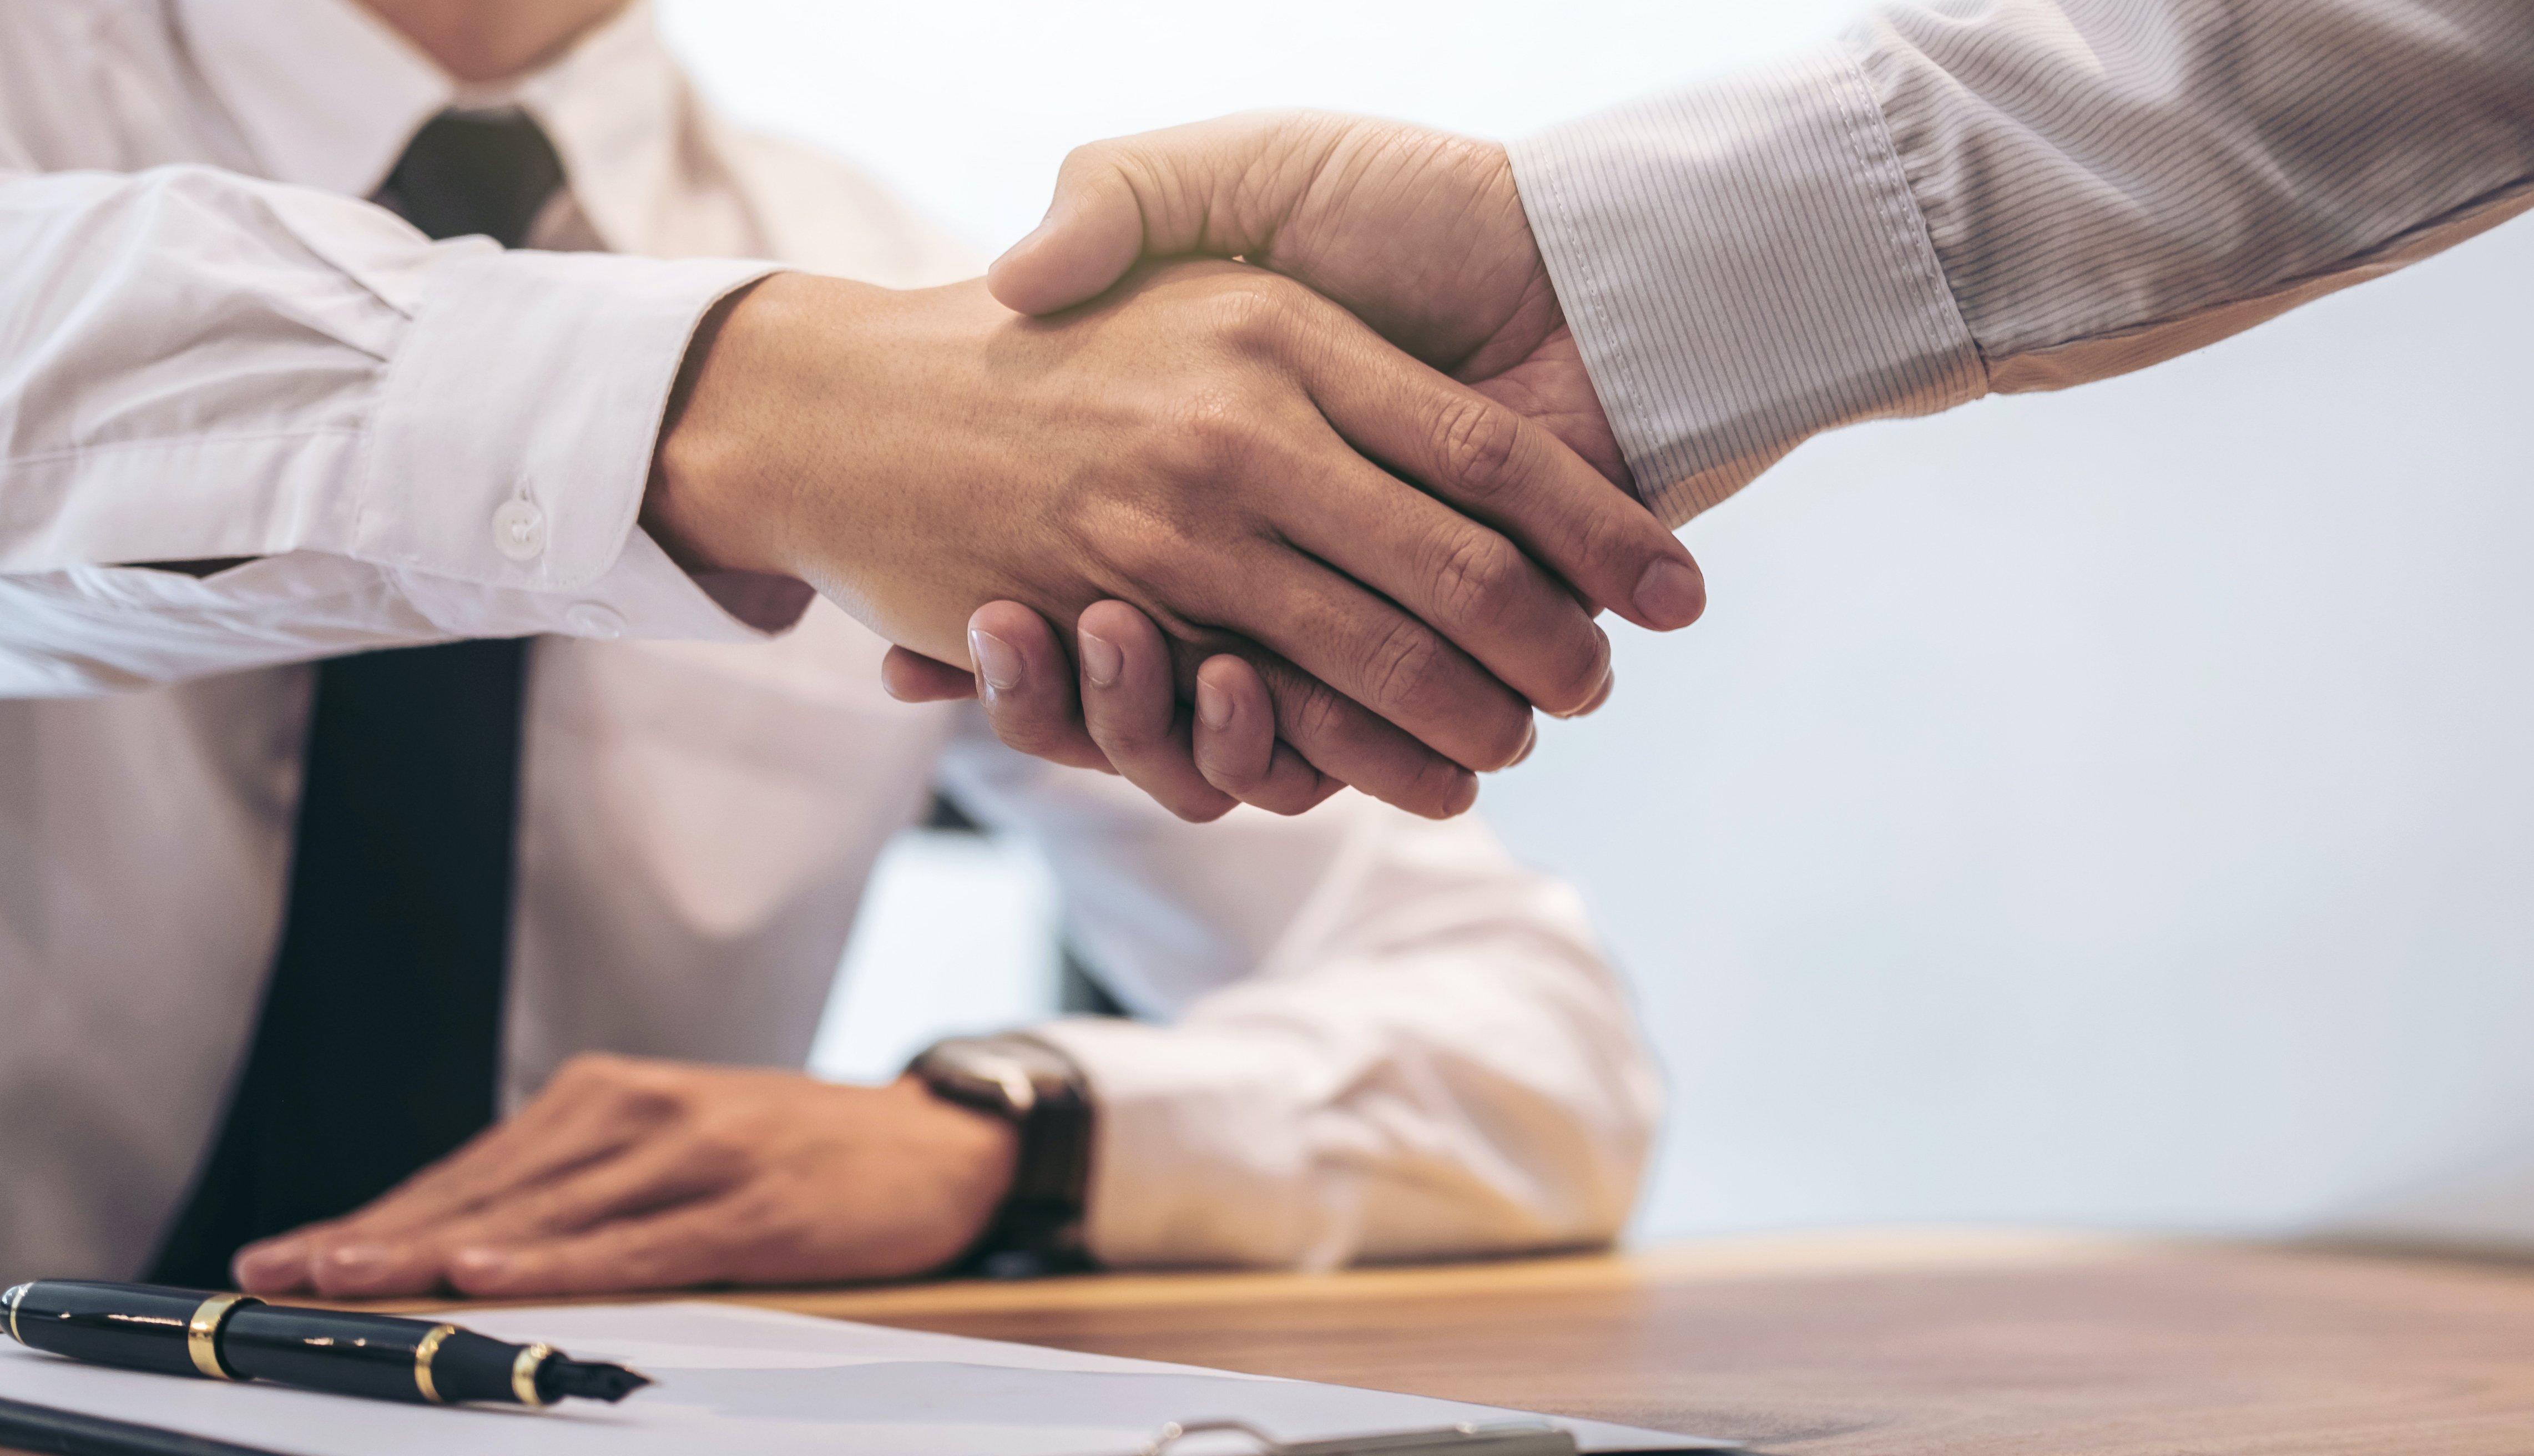 Deal-sealing handshake